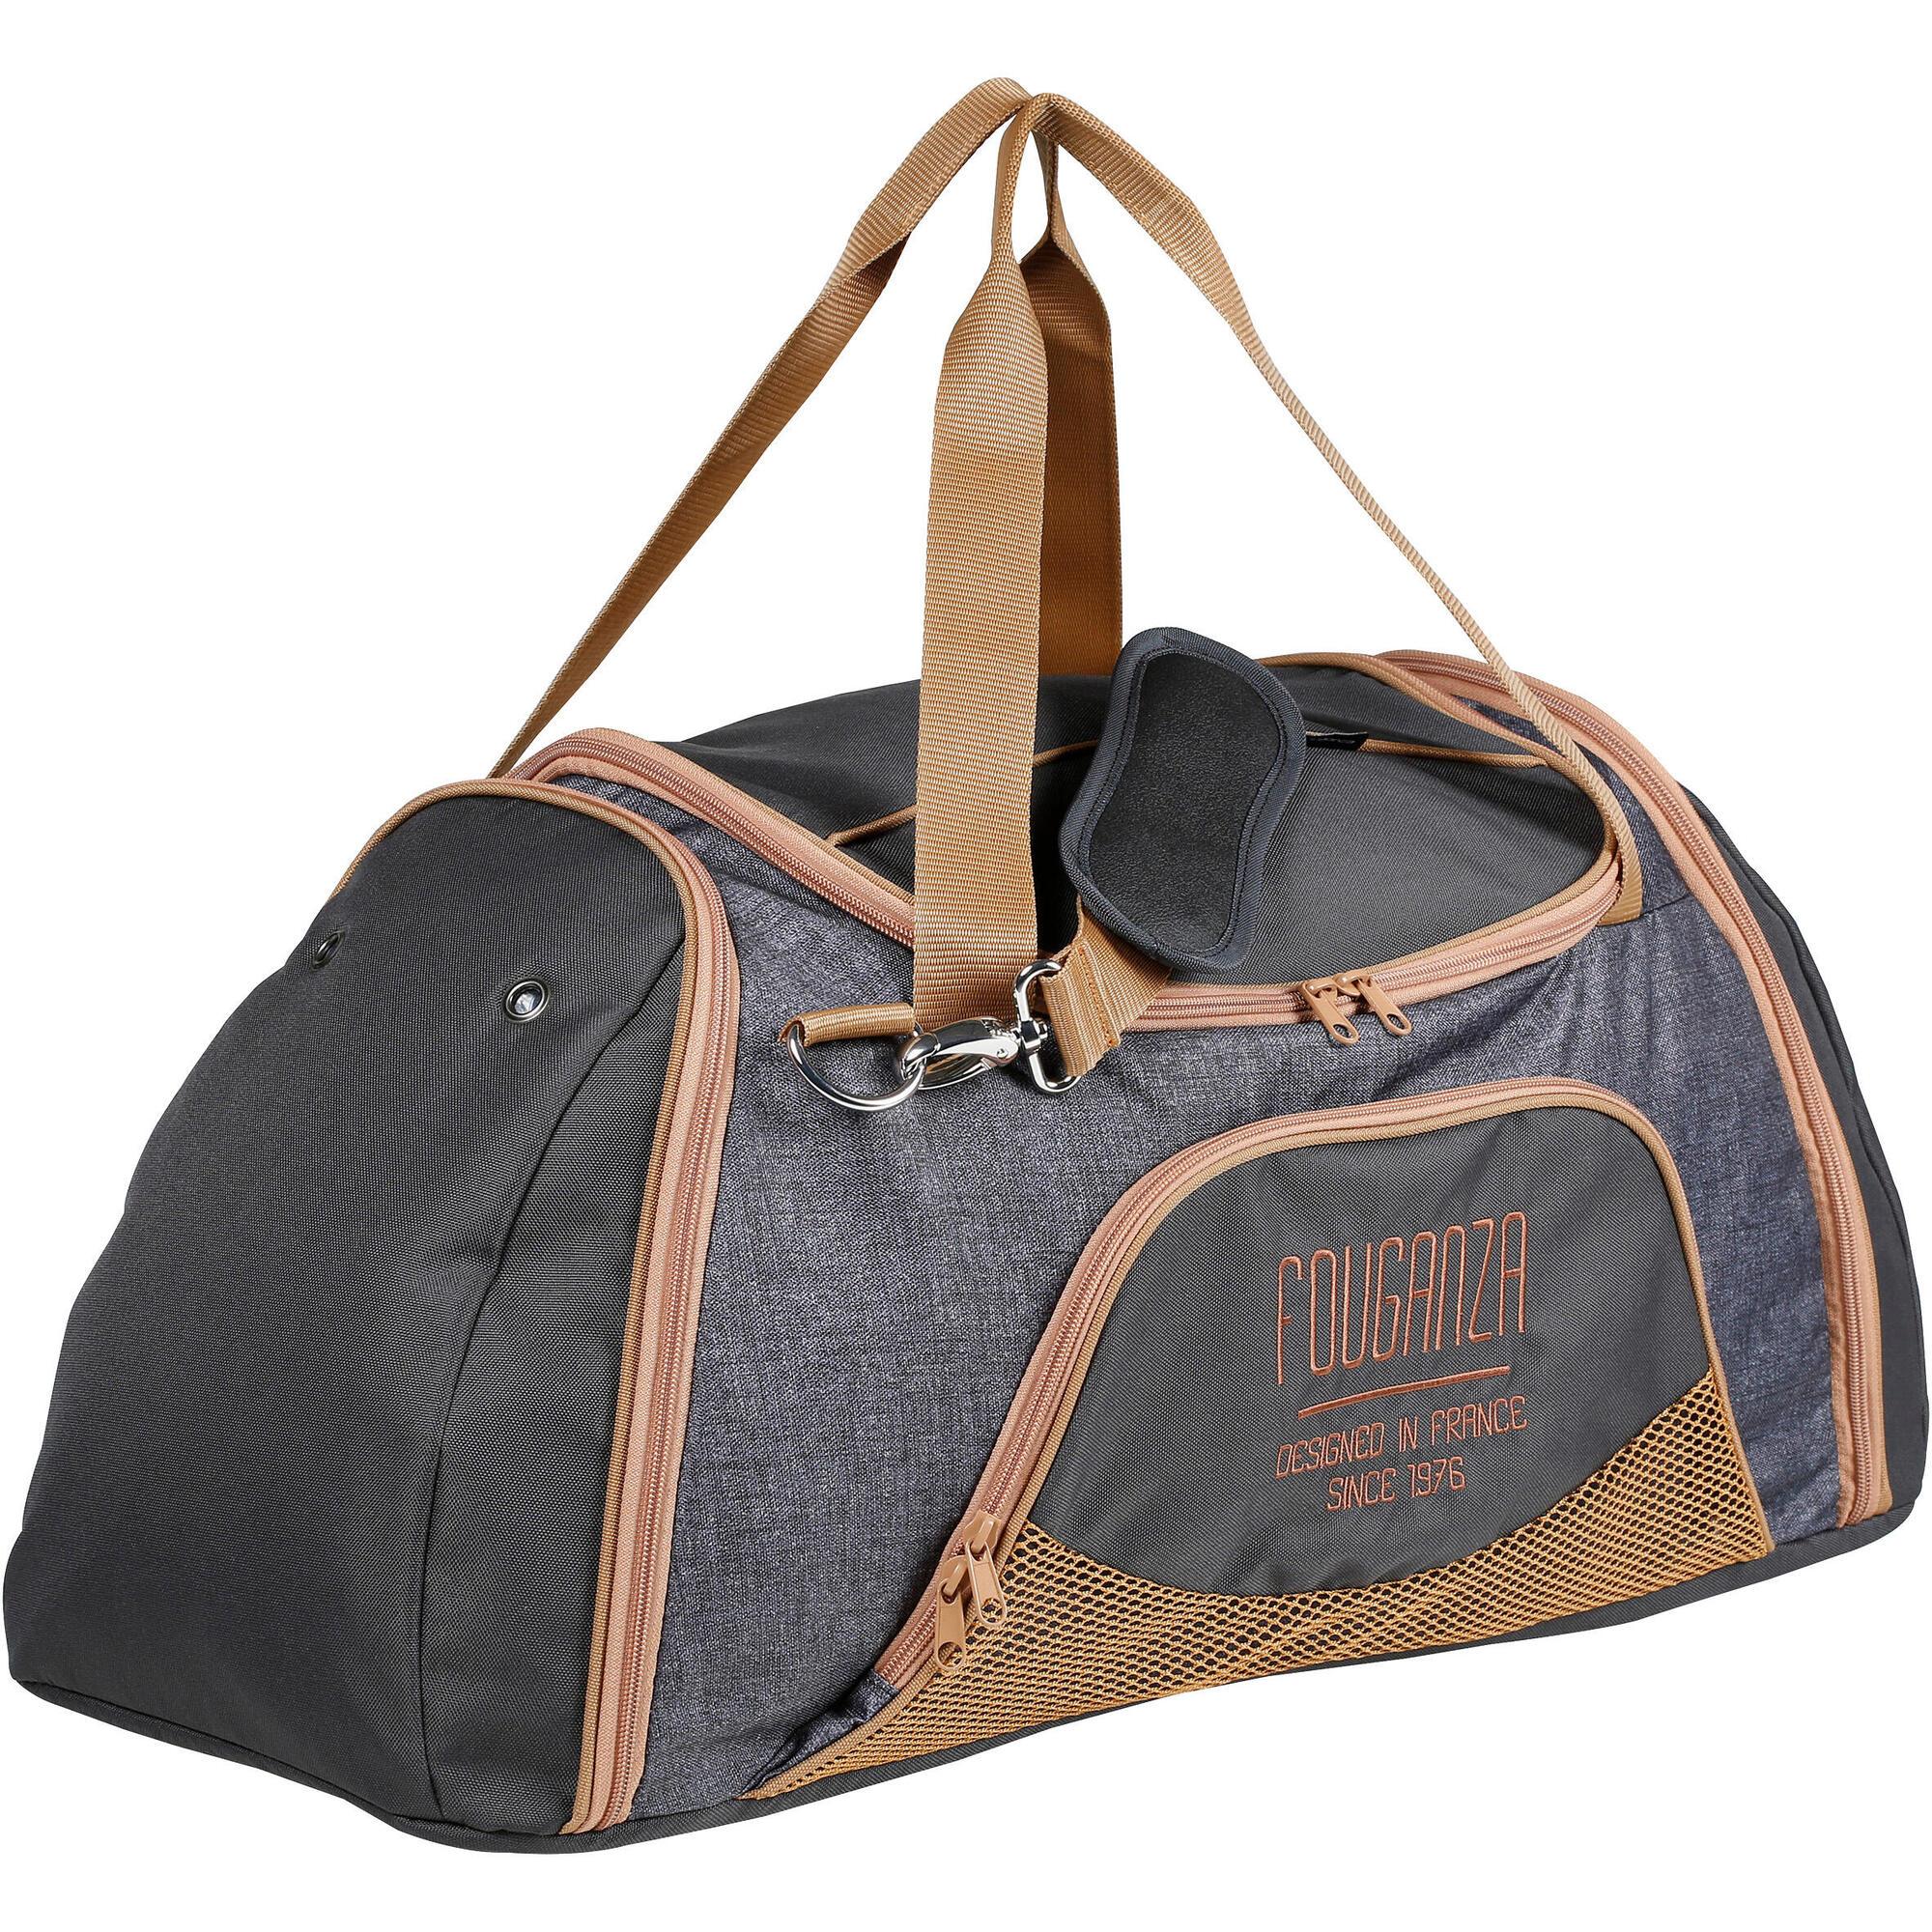 Grand sac de transport mat riel quitation gris chin et - Sac de voyage a roulette decathlon ...